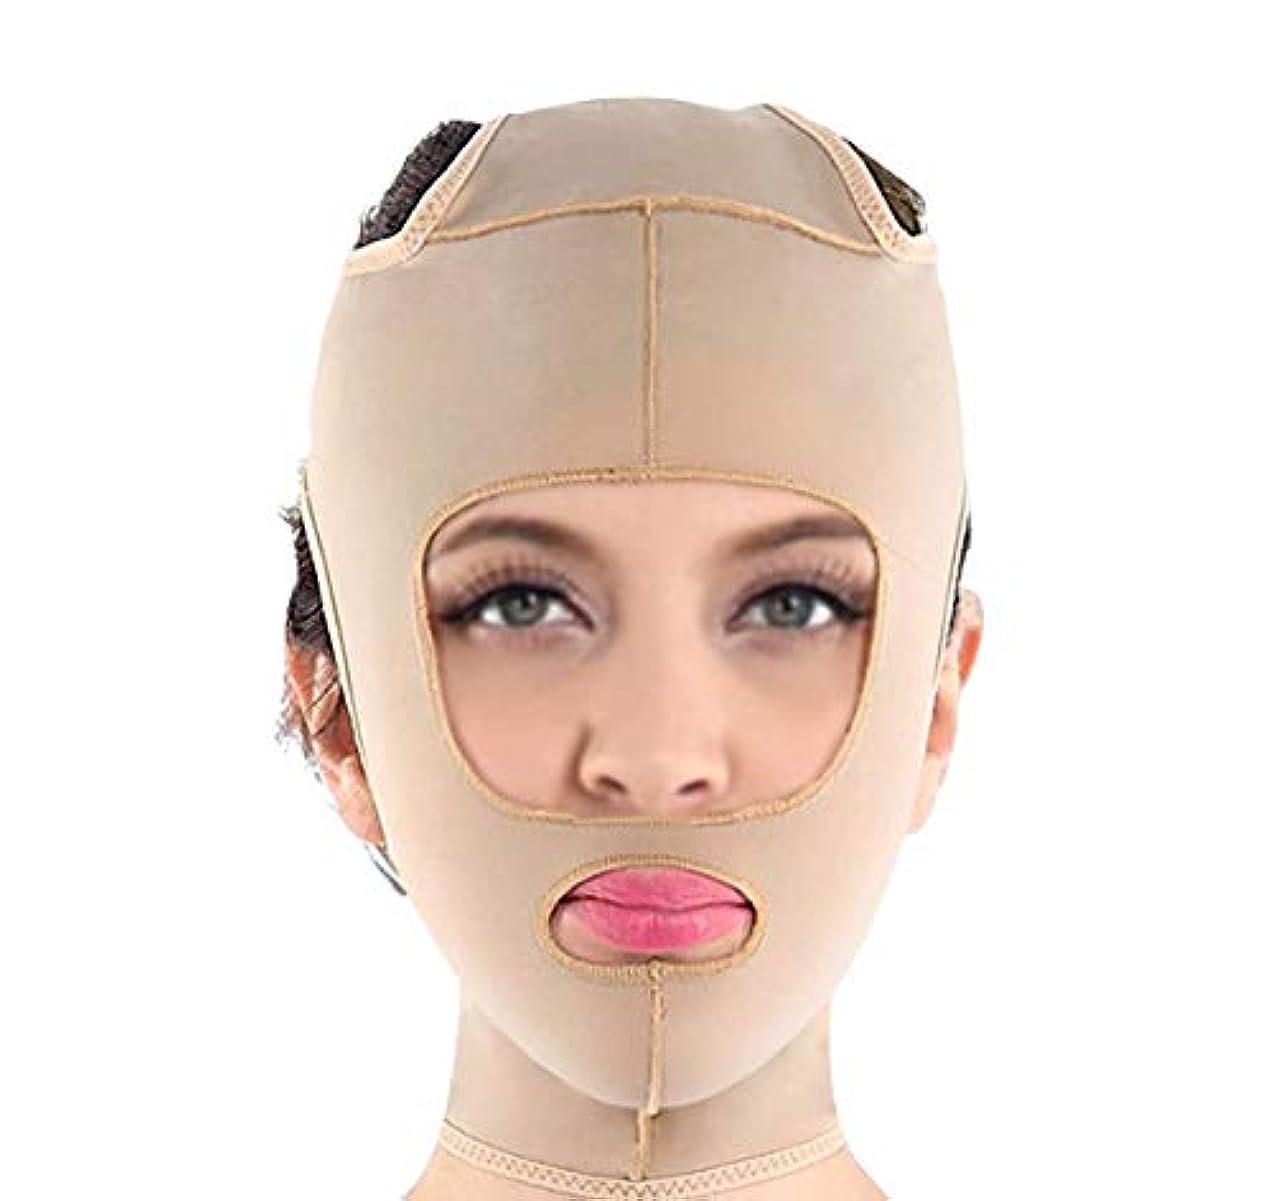 くつろぐ機関インチフェイスリフティングマスクで肌をよりしっかりと保ち、V字型の顔を形作り、超薄型の通気性、調節可能で快適な着用感(サイズ:Xl),L